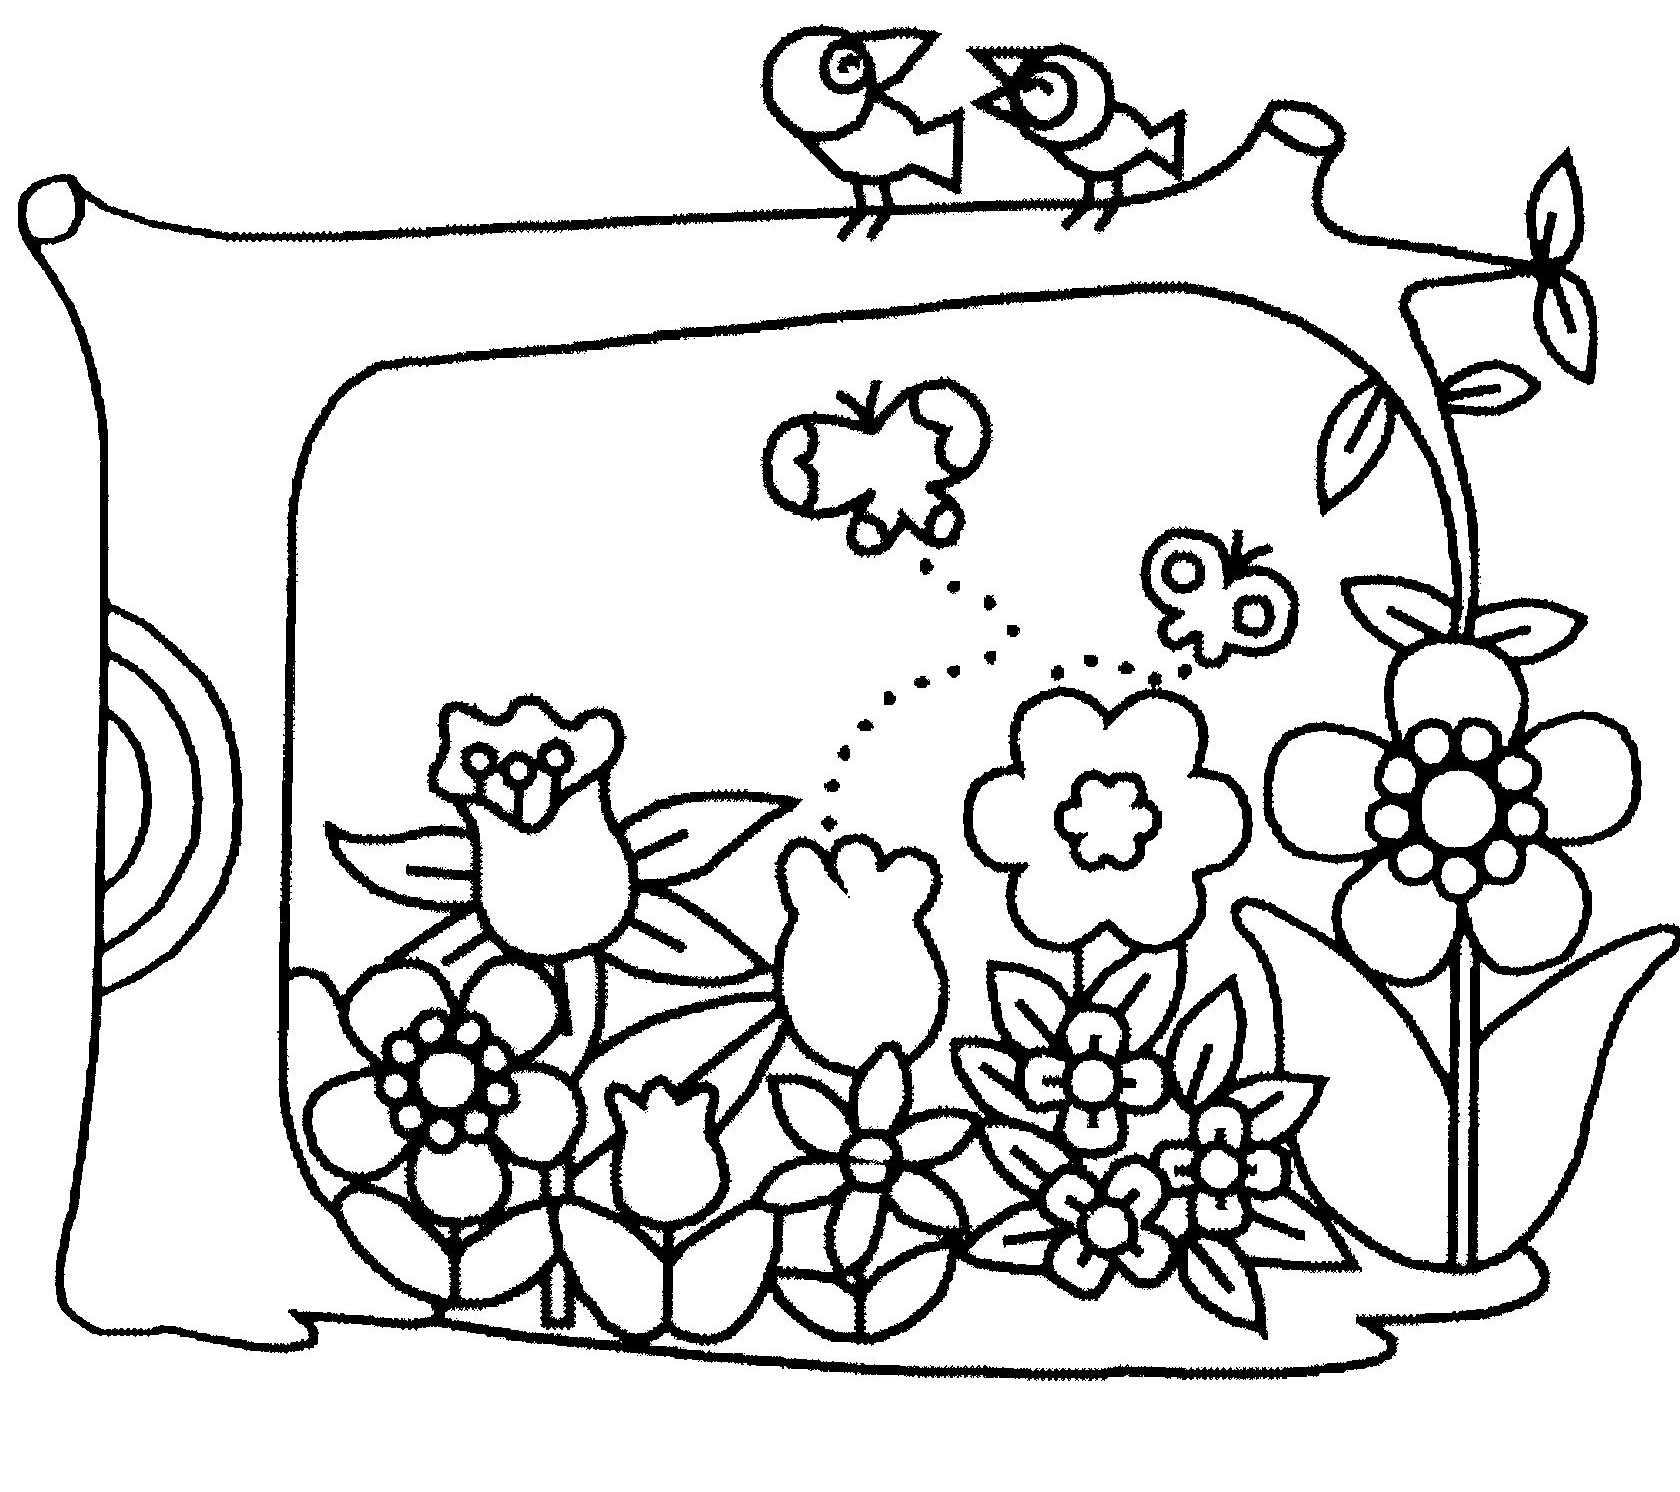 74 dessins de coloriage fleur imprimer sur page 7 - Coloriage fleur 3 ans ...